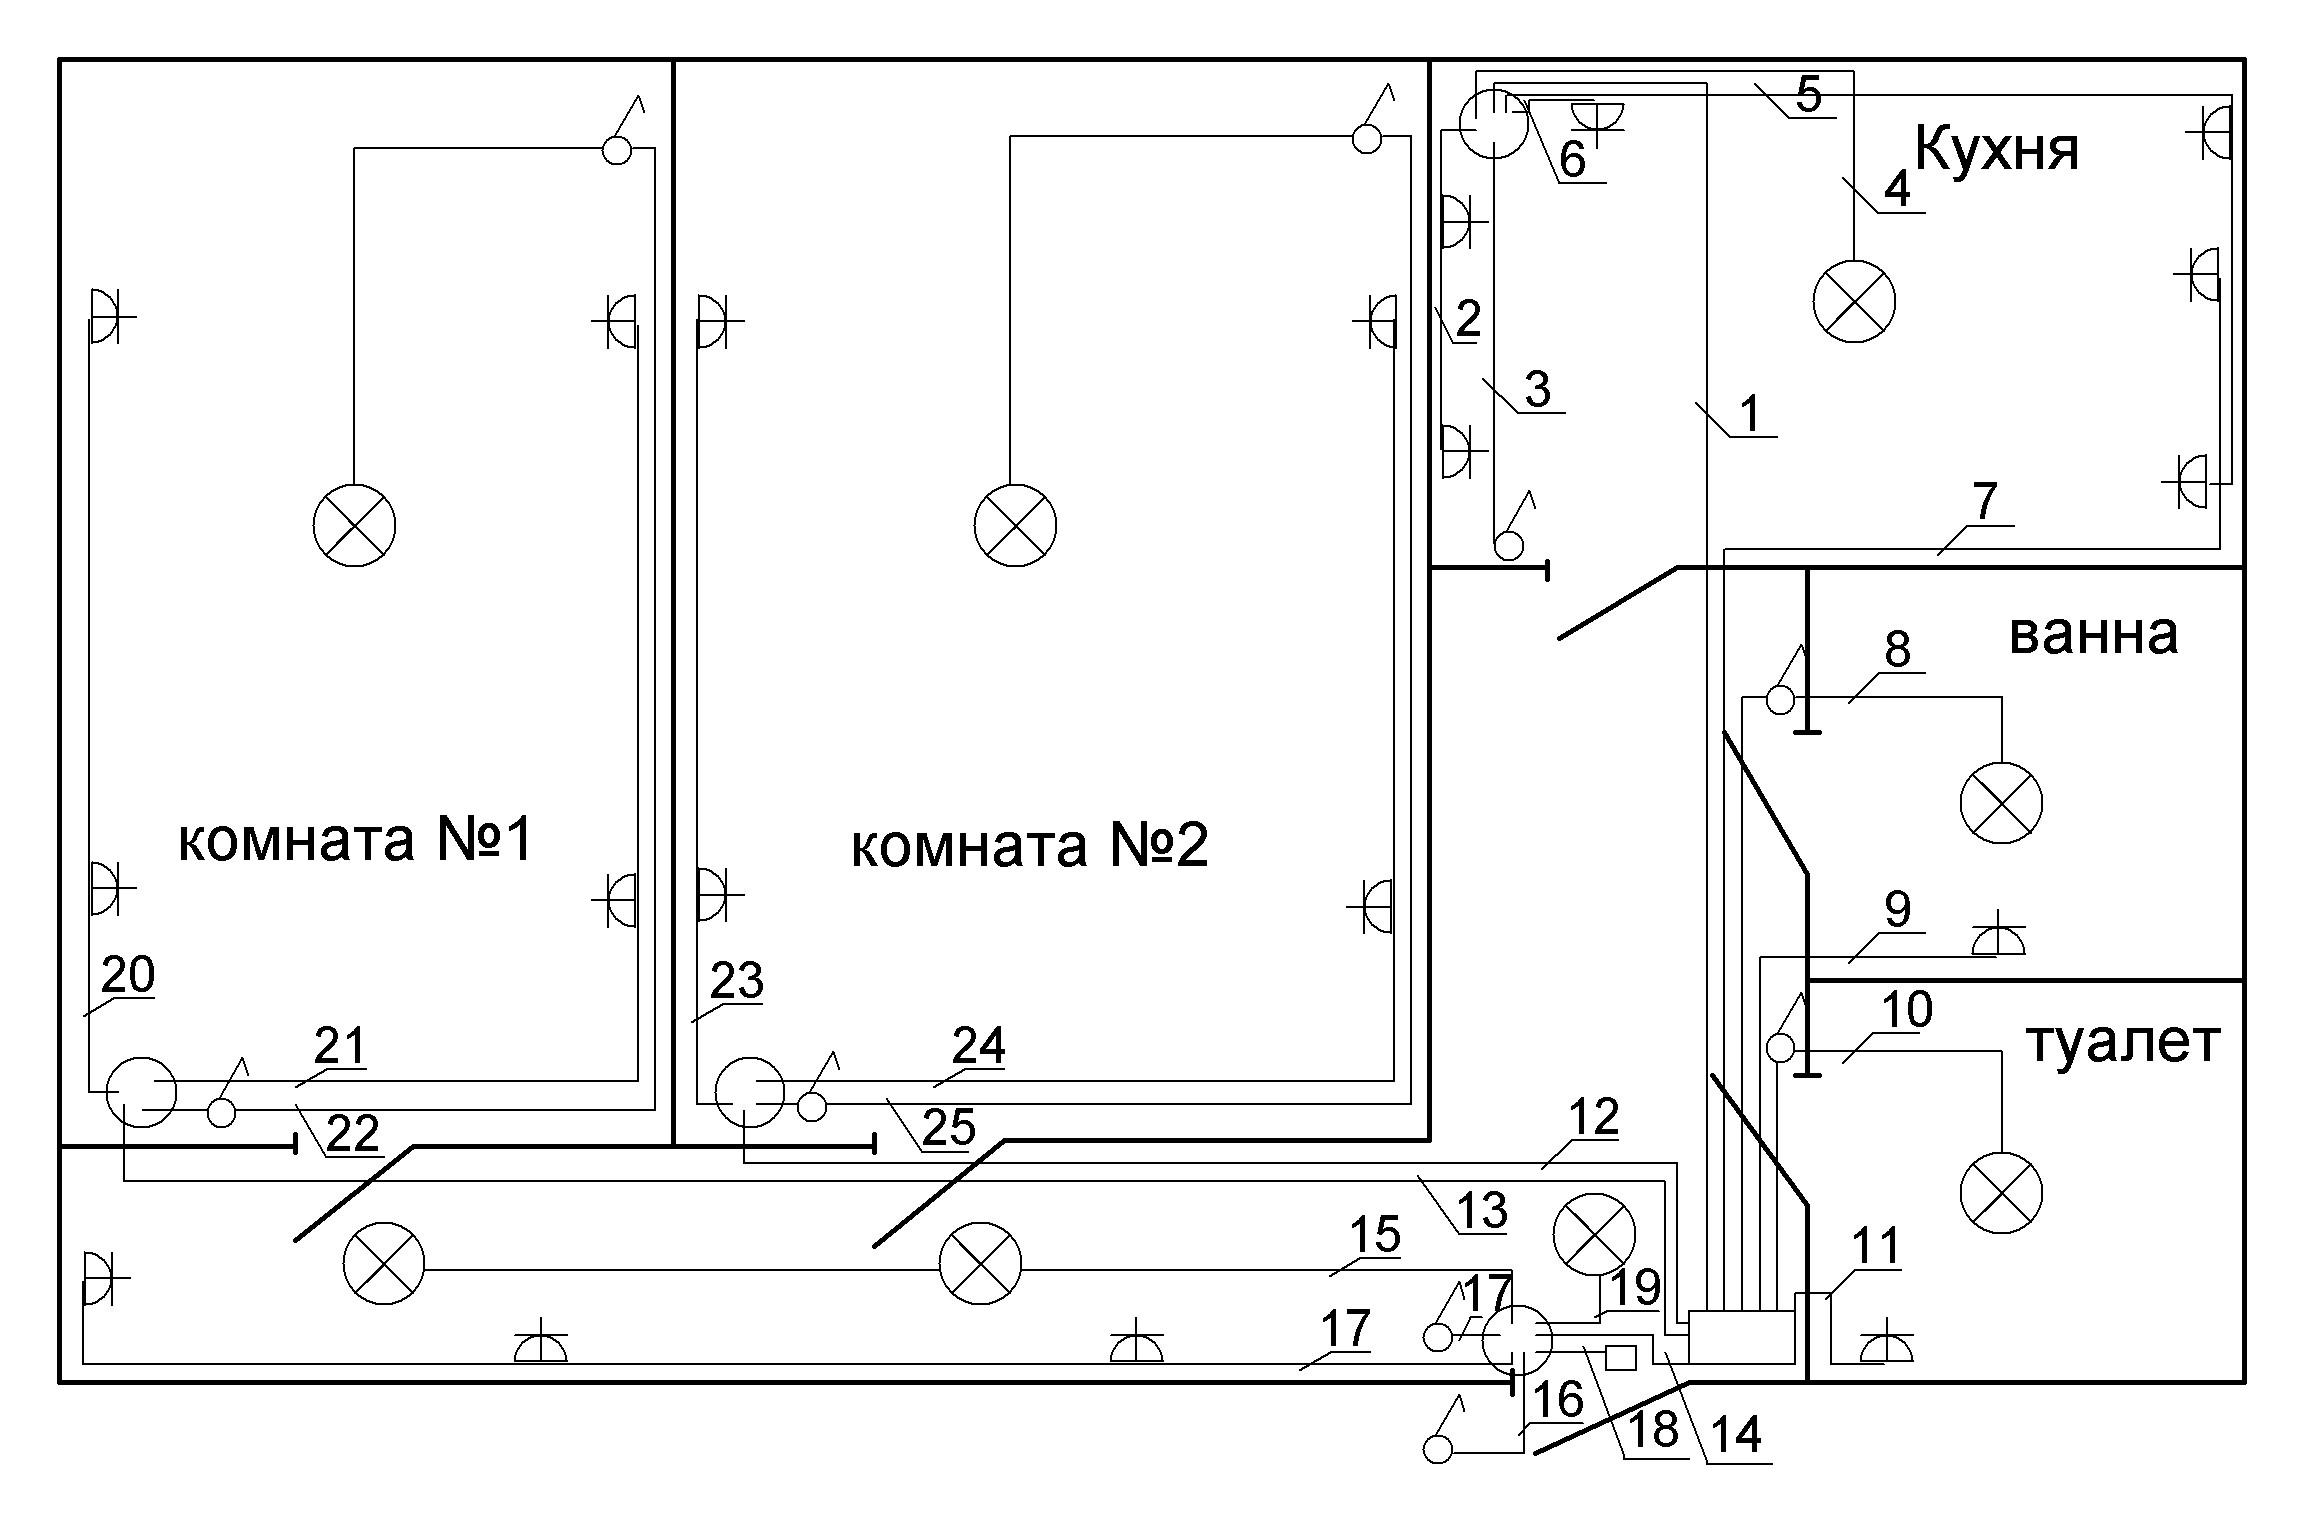 Схема электропроводки для дачи